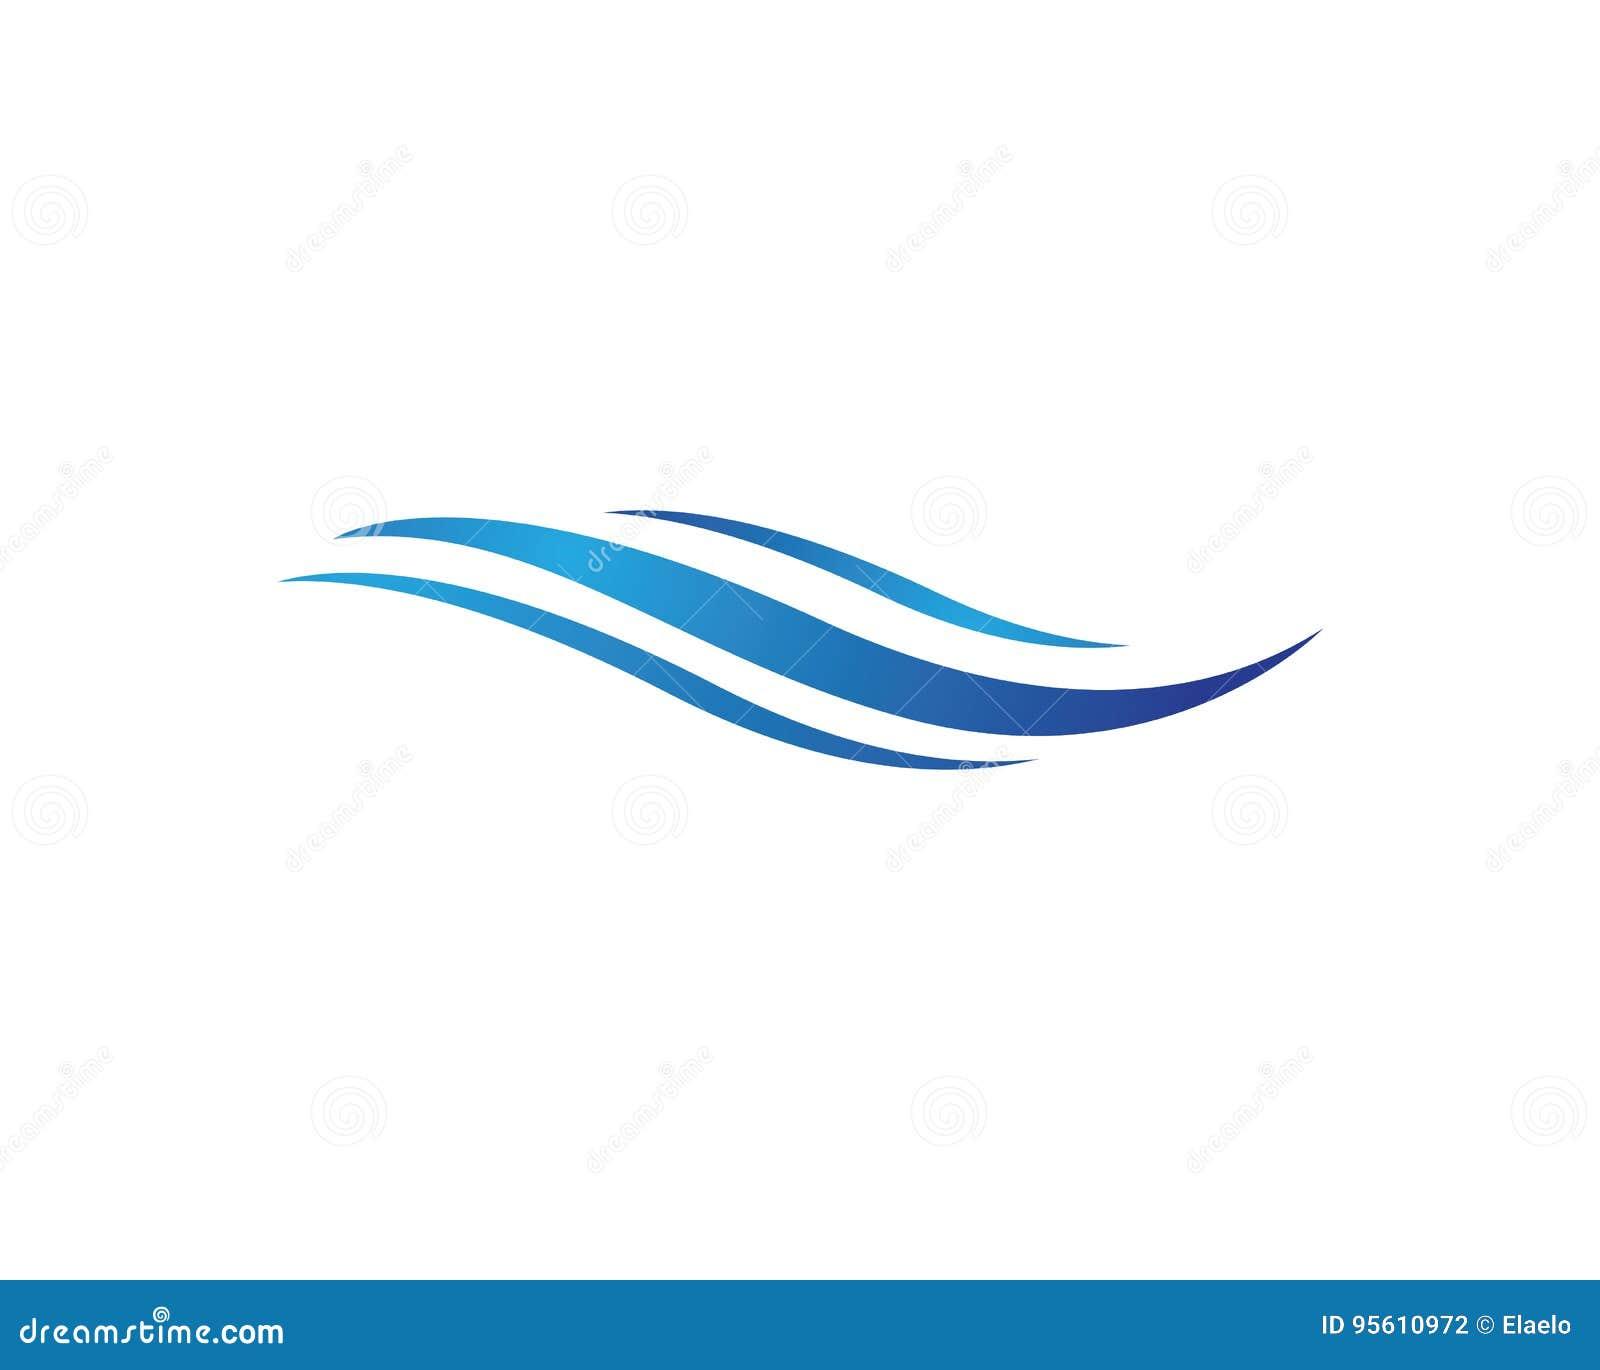 Wasserwelle Logo Template vektor abbildung. Illustration von ...